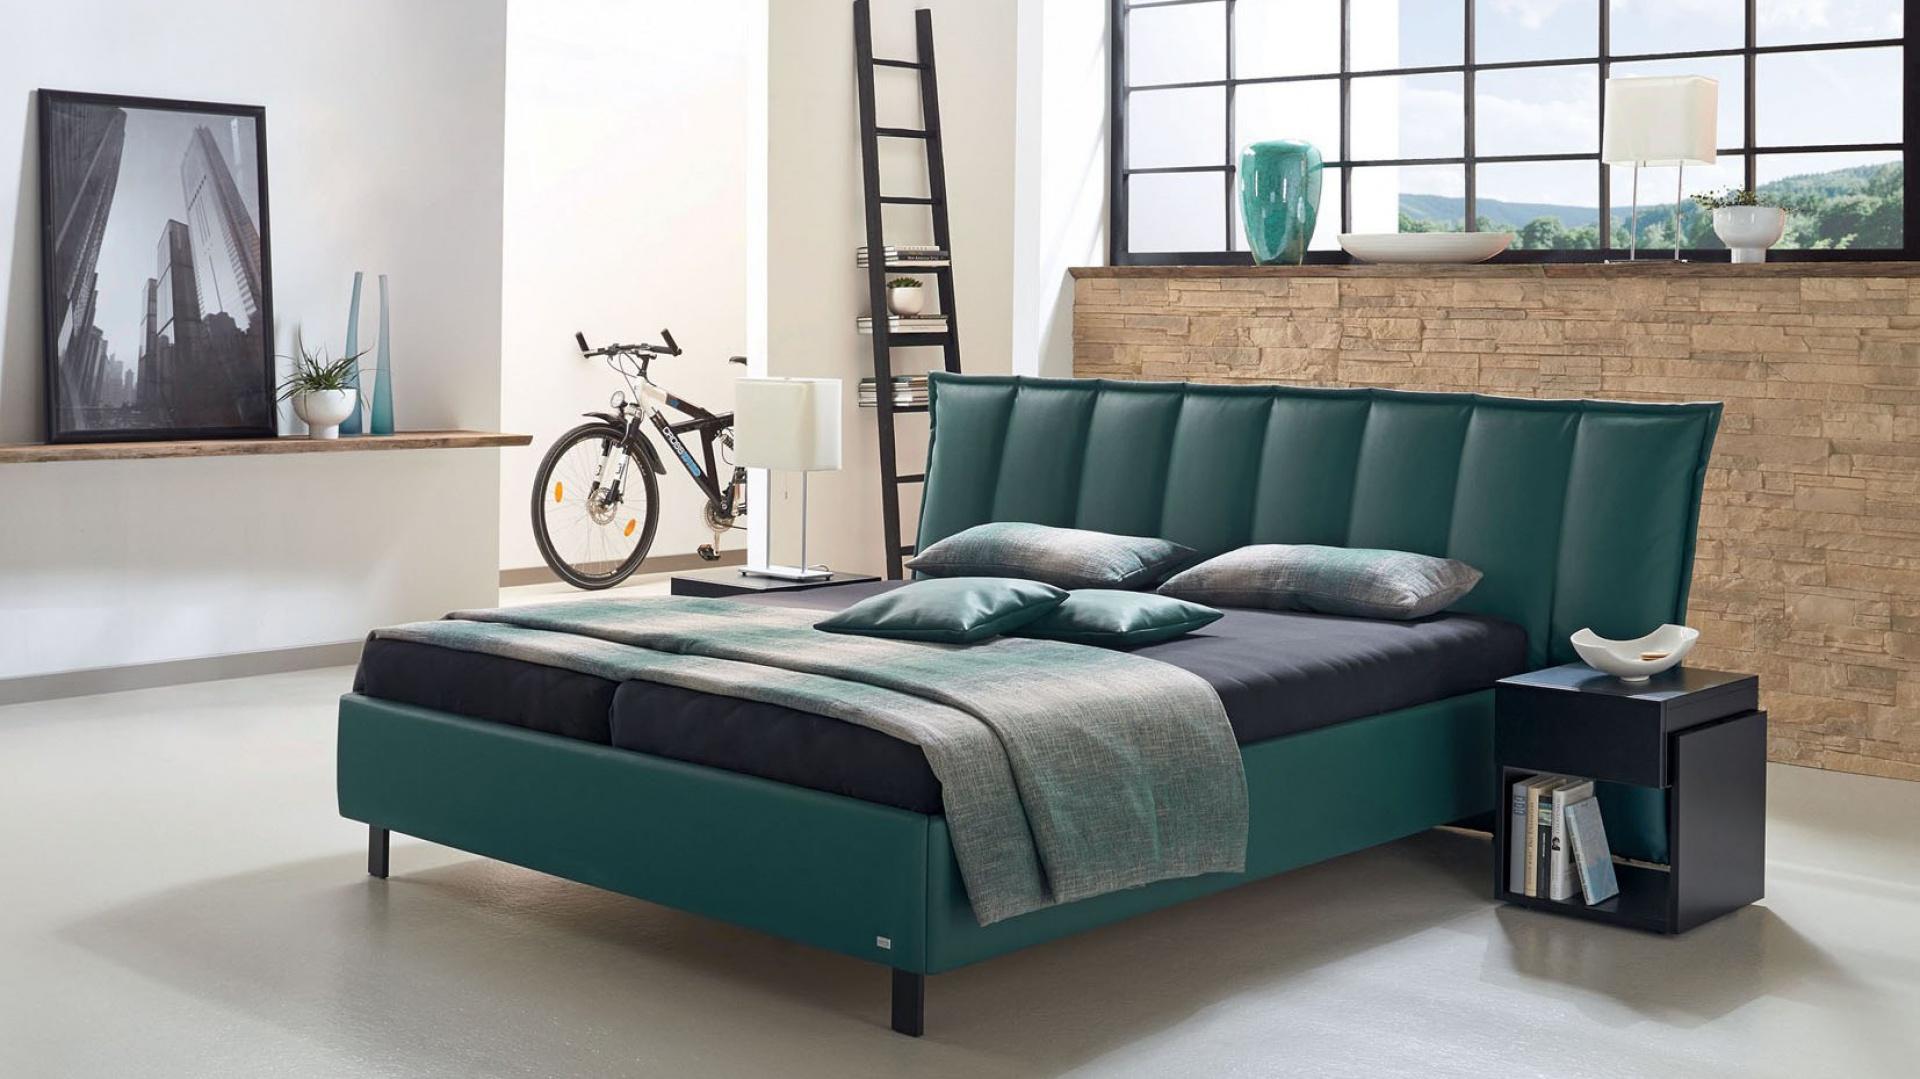 Super modne łóżko Pinta marki Ruf Betten tapicerowane ekoskórą w oryginalnym, butelkowym kolorze. Nowoczesny design mebla podkreślają pionowe przeszycie na wezgłowiu. Łóżko dostępne w Studio Asymetria. Fot. Studio Asymetria.